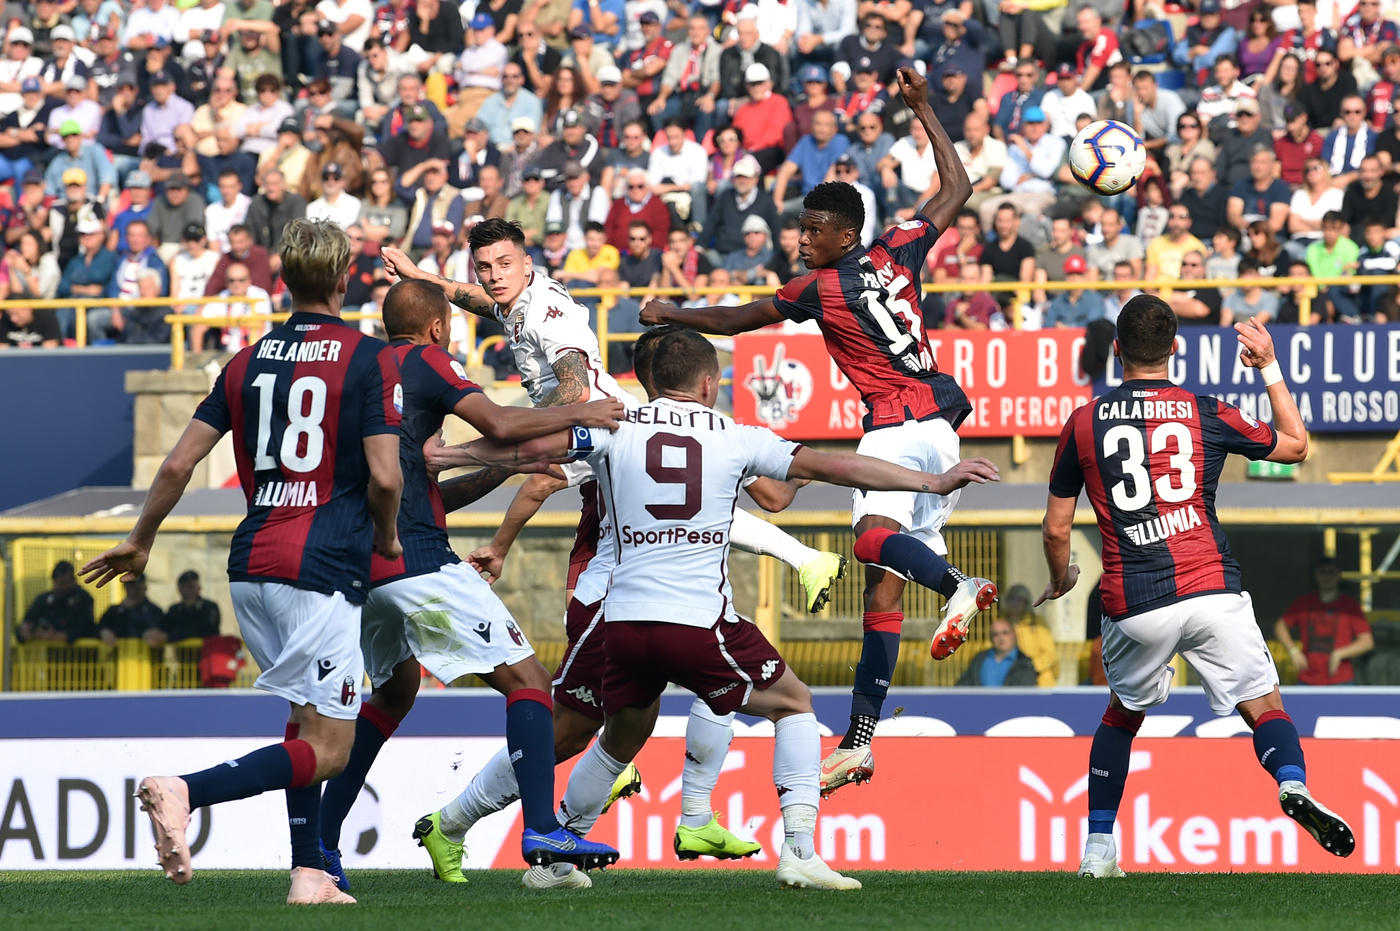 Colpo in rimonta per il Bologna. Al Dall'Ara la squadra di Pippo Inzaghi pareggia 2-2 con il Toro, recuperando da un doppio passivo. Iago Falque sblocca la partita con un capolavoro di sinistro dal limite al 14', poi al 54' regala a Baselli la palla per il raddoppio. Una rete che sveglia i rossoblù, bravi a riaprire subito la gara con Santander al 59' e a pareggiare i conti con Calabresi al 77'.<br /><br />